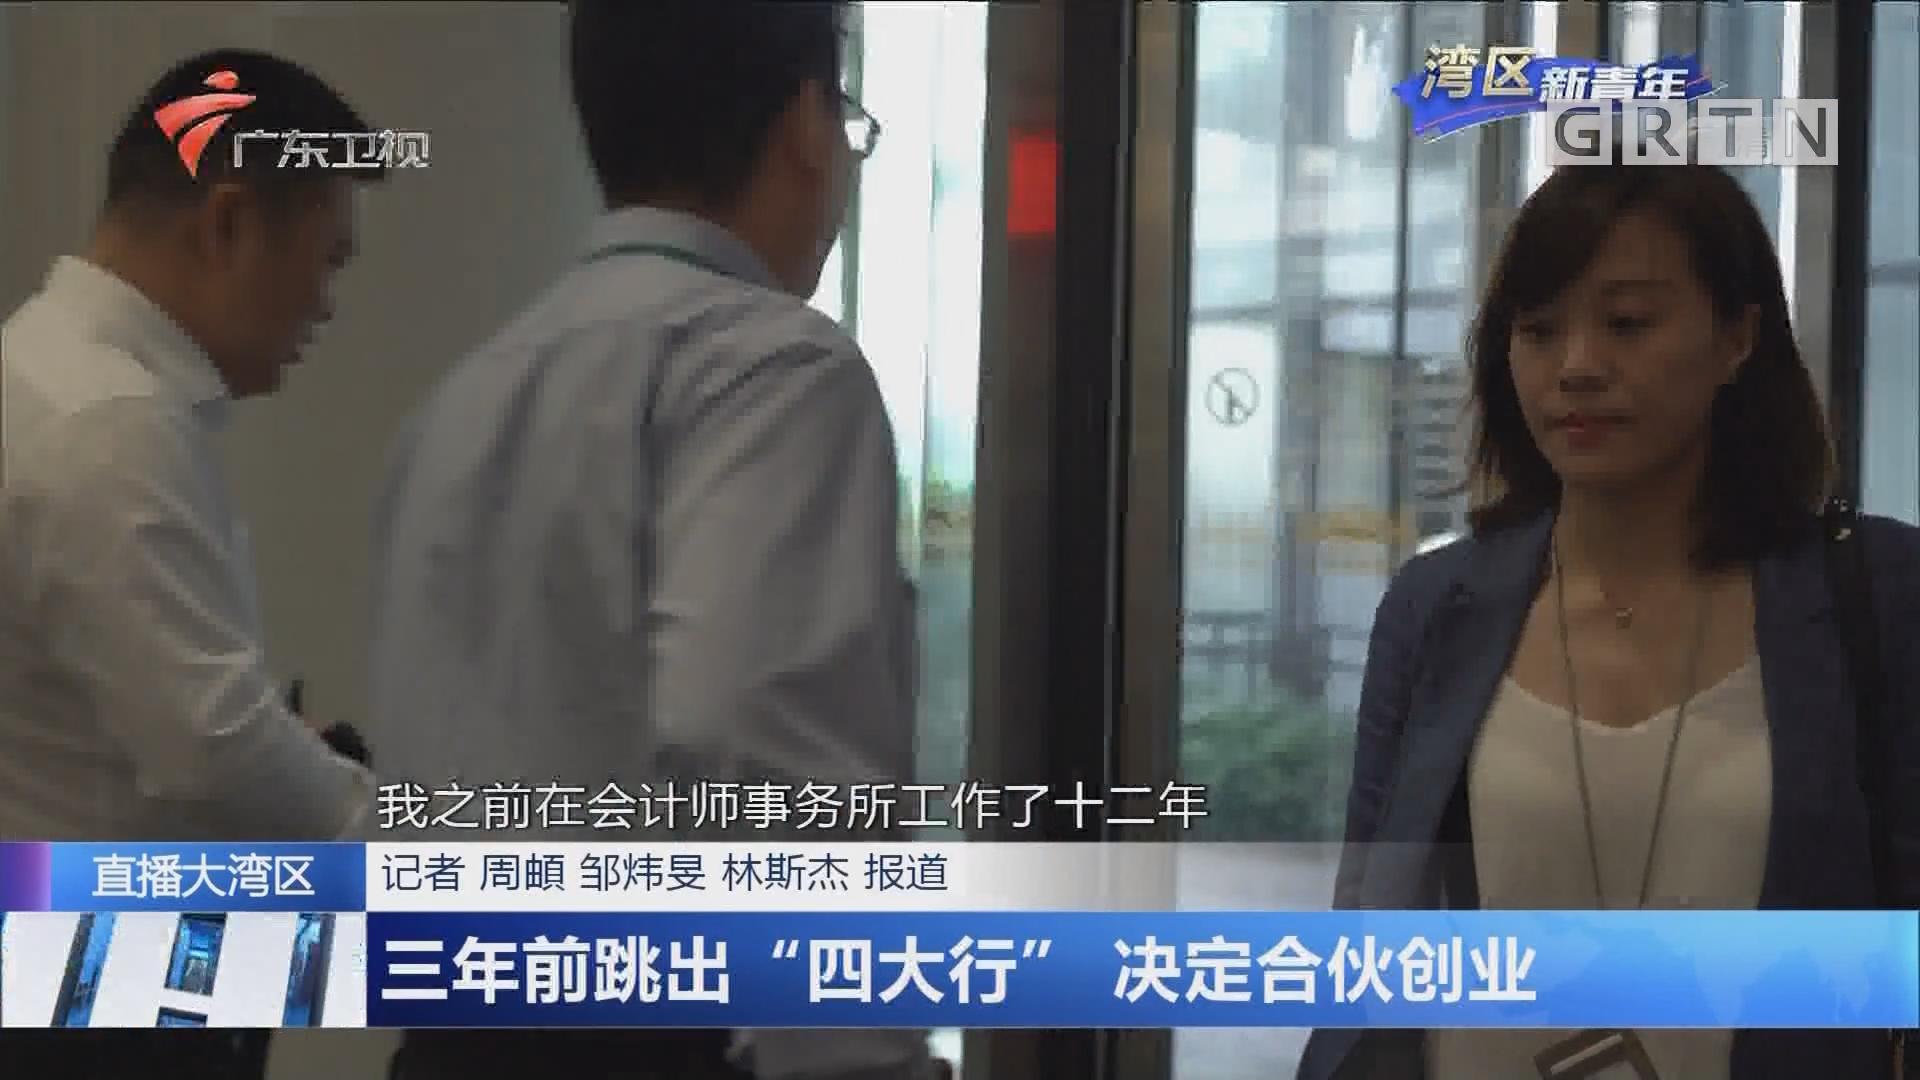 """杨晓欣:学以致用 大湾区国际化裨益跨境人才 三年前跳出""""四大行"""" 决定合伙创业"""